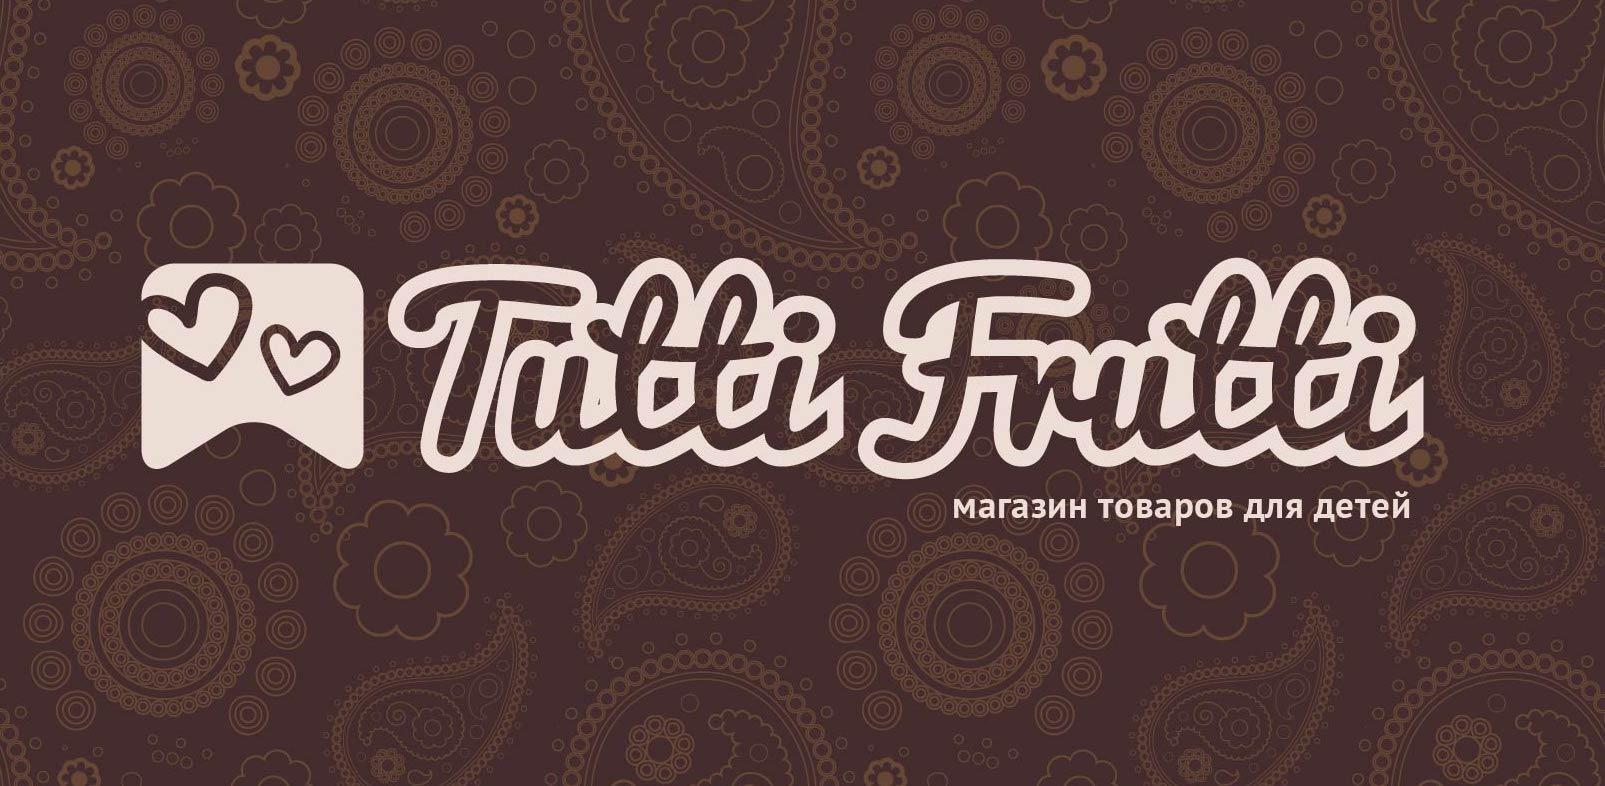 Логотип магазина товаров для детей Tutti Frutti